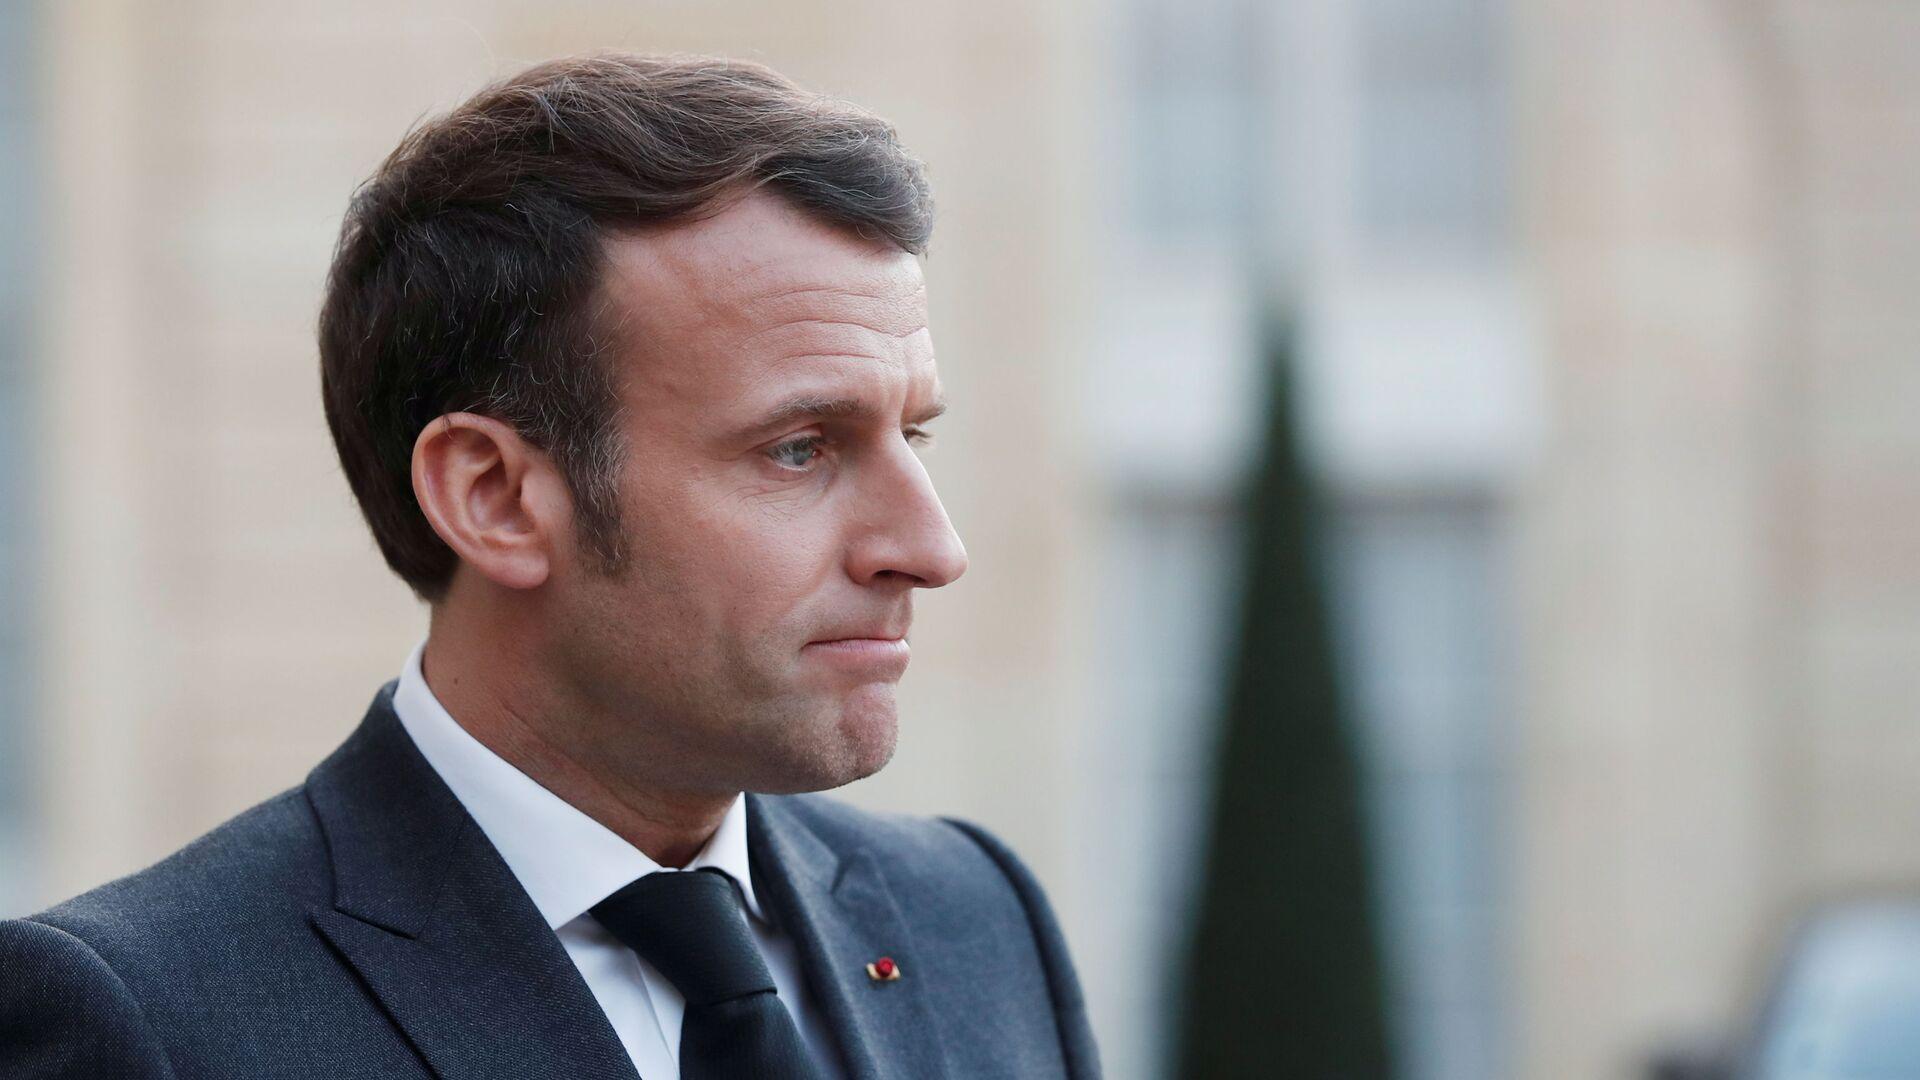 Prezydent Francji Emmanuel Macron - Sputnik Polska, 1920, 19.09.2021